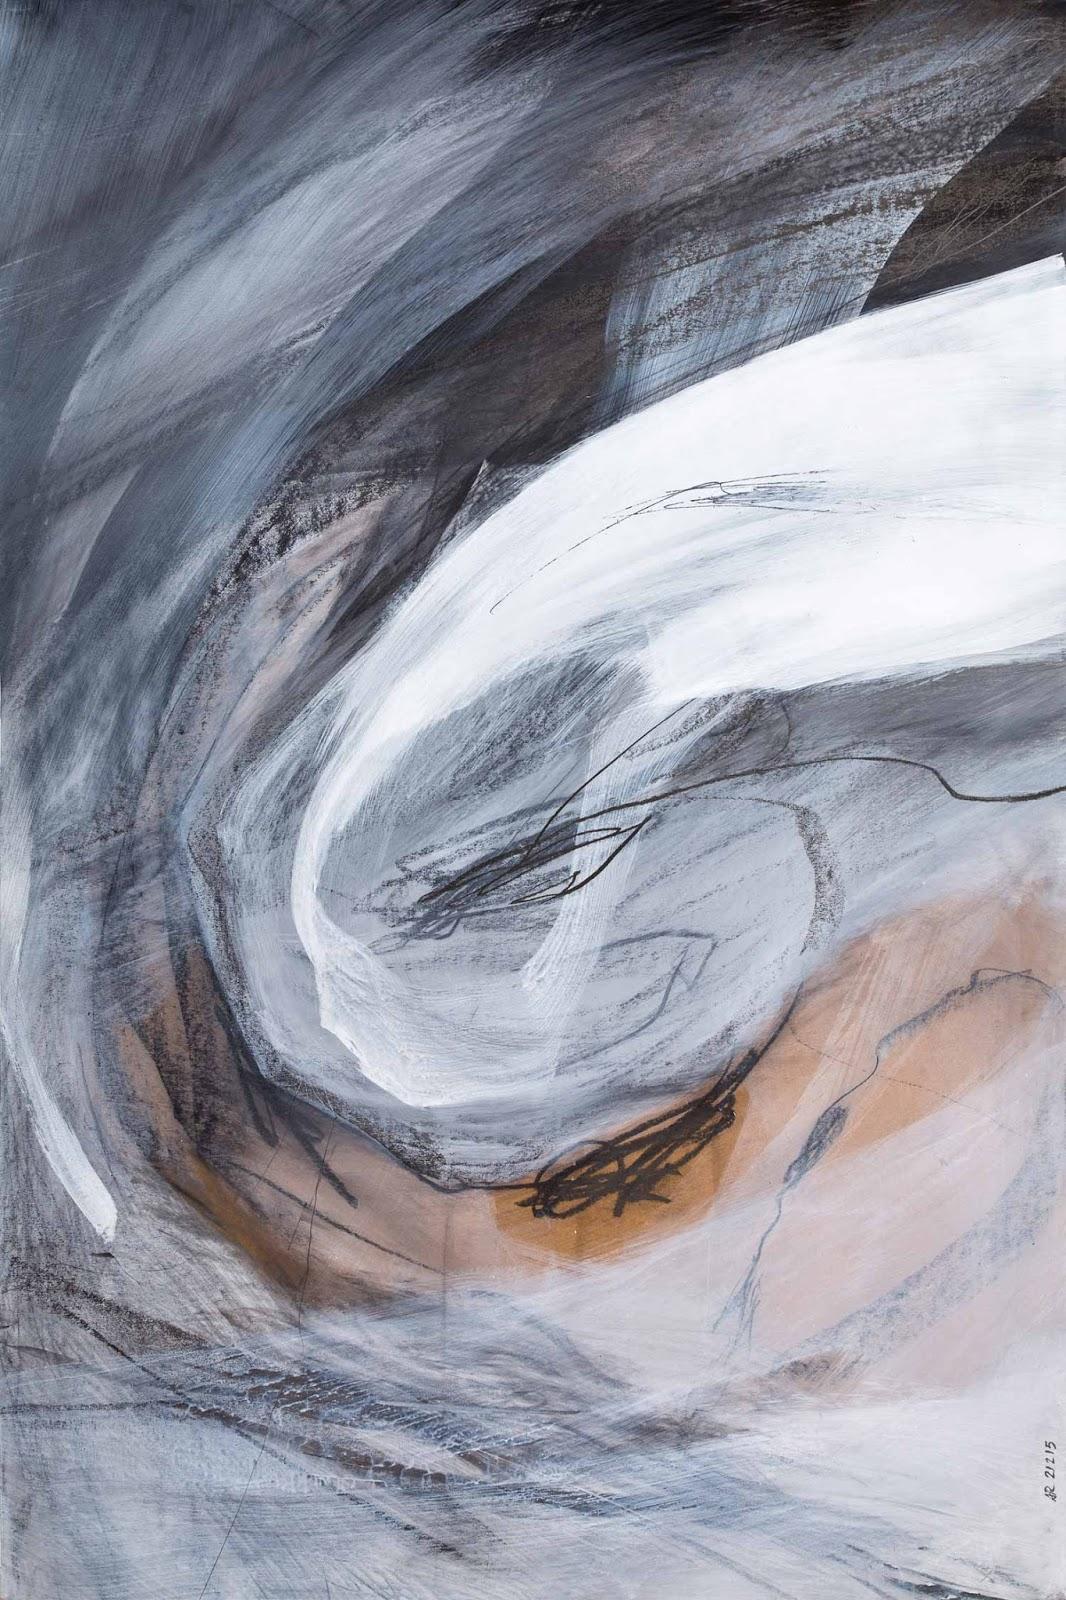 80 x 120 cm, acrylique et graphite sur papier kraft, 21 février 15